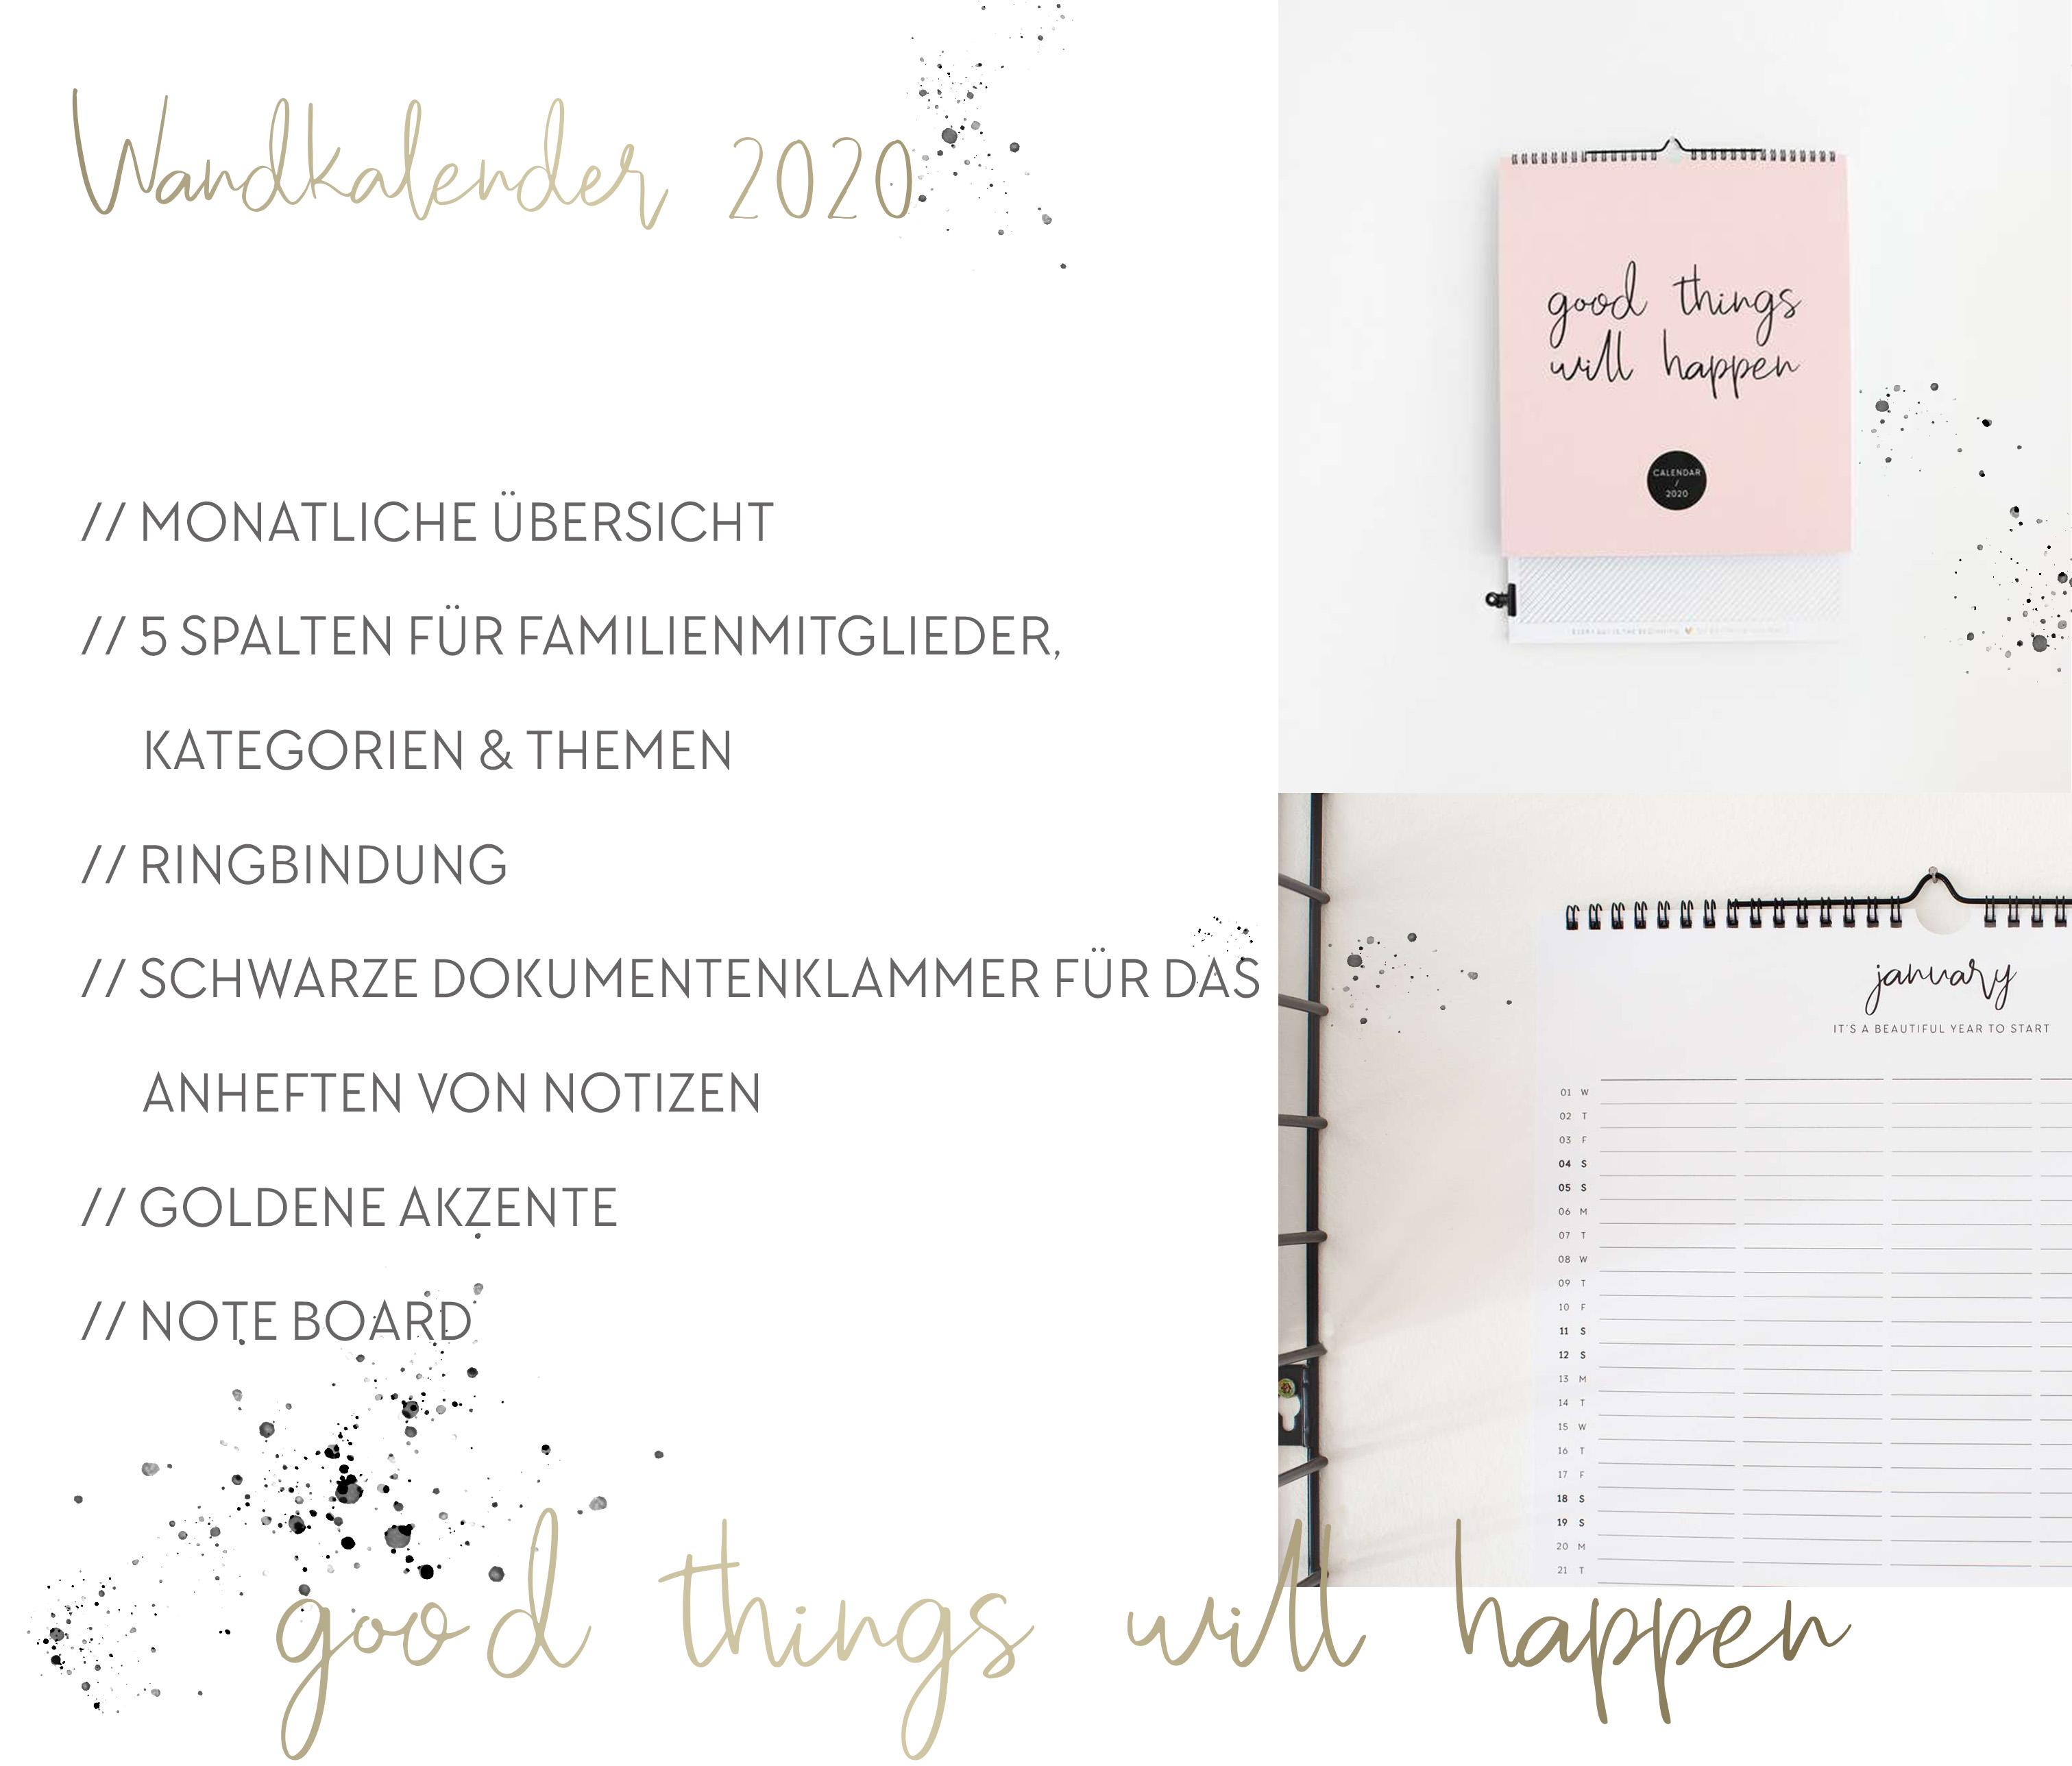 wall-calendar-2020_de